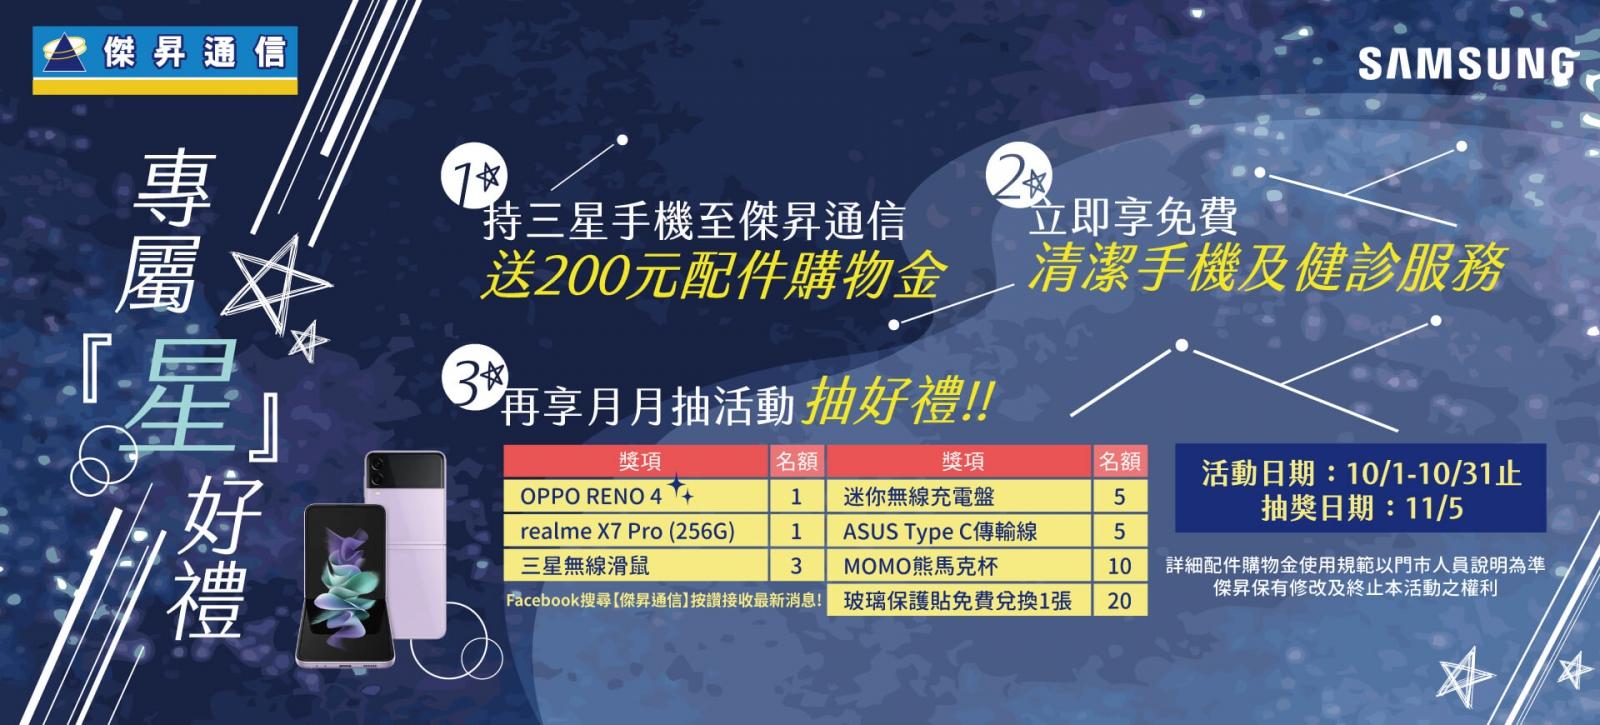 傑昇x專屬『星』好禮~就是要回饋使用三星的您❤